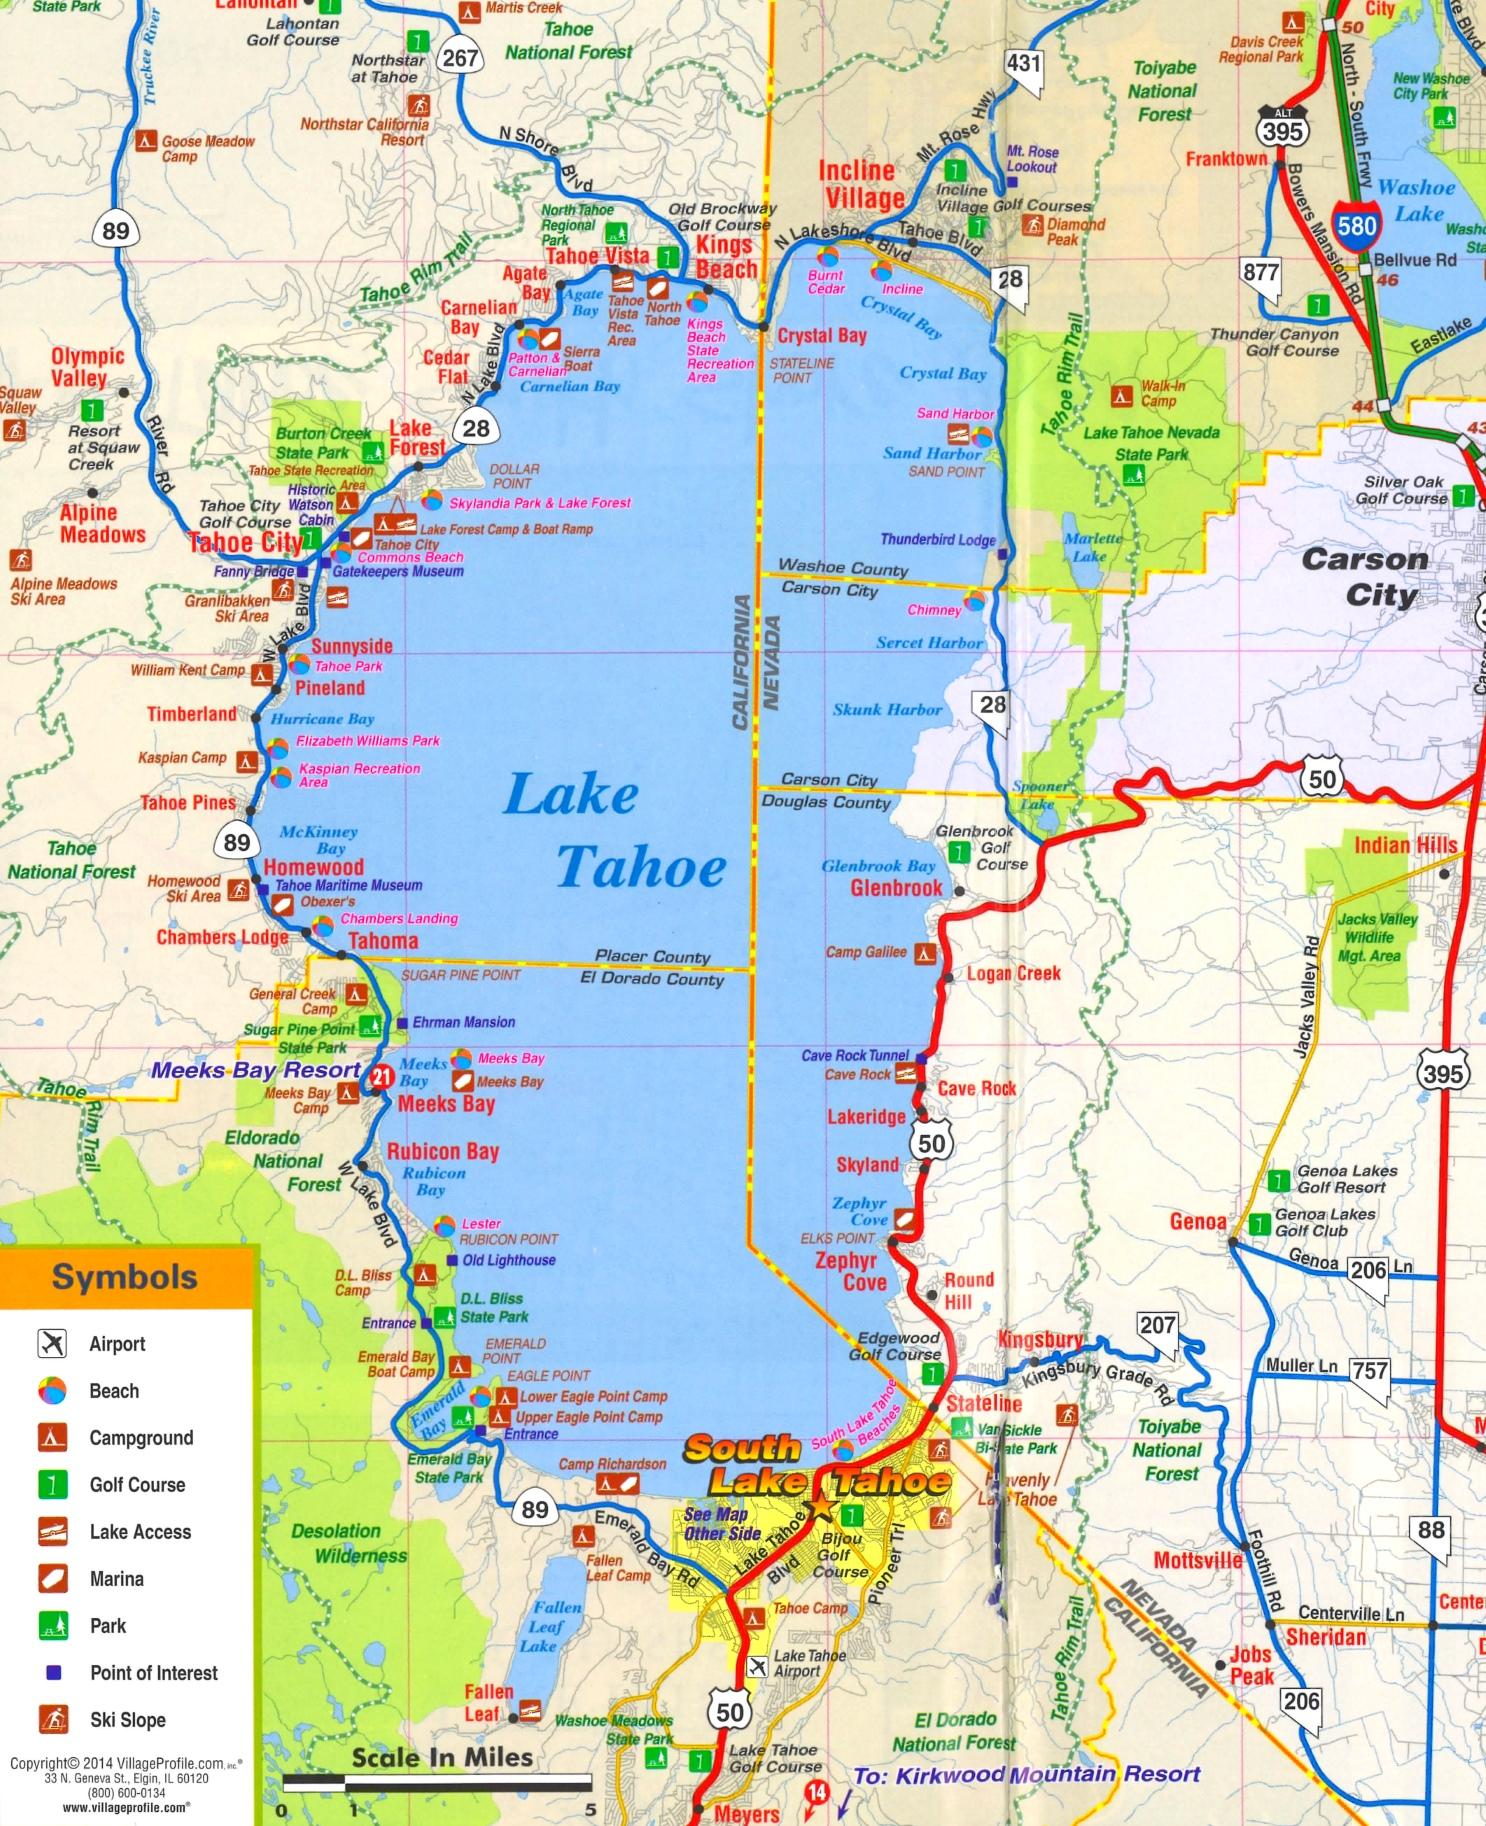 Lake Tahoe Map Lake Tahoe tourist attractions map Lake Tahoe Map